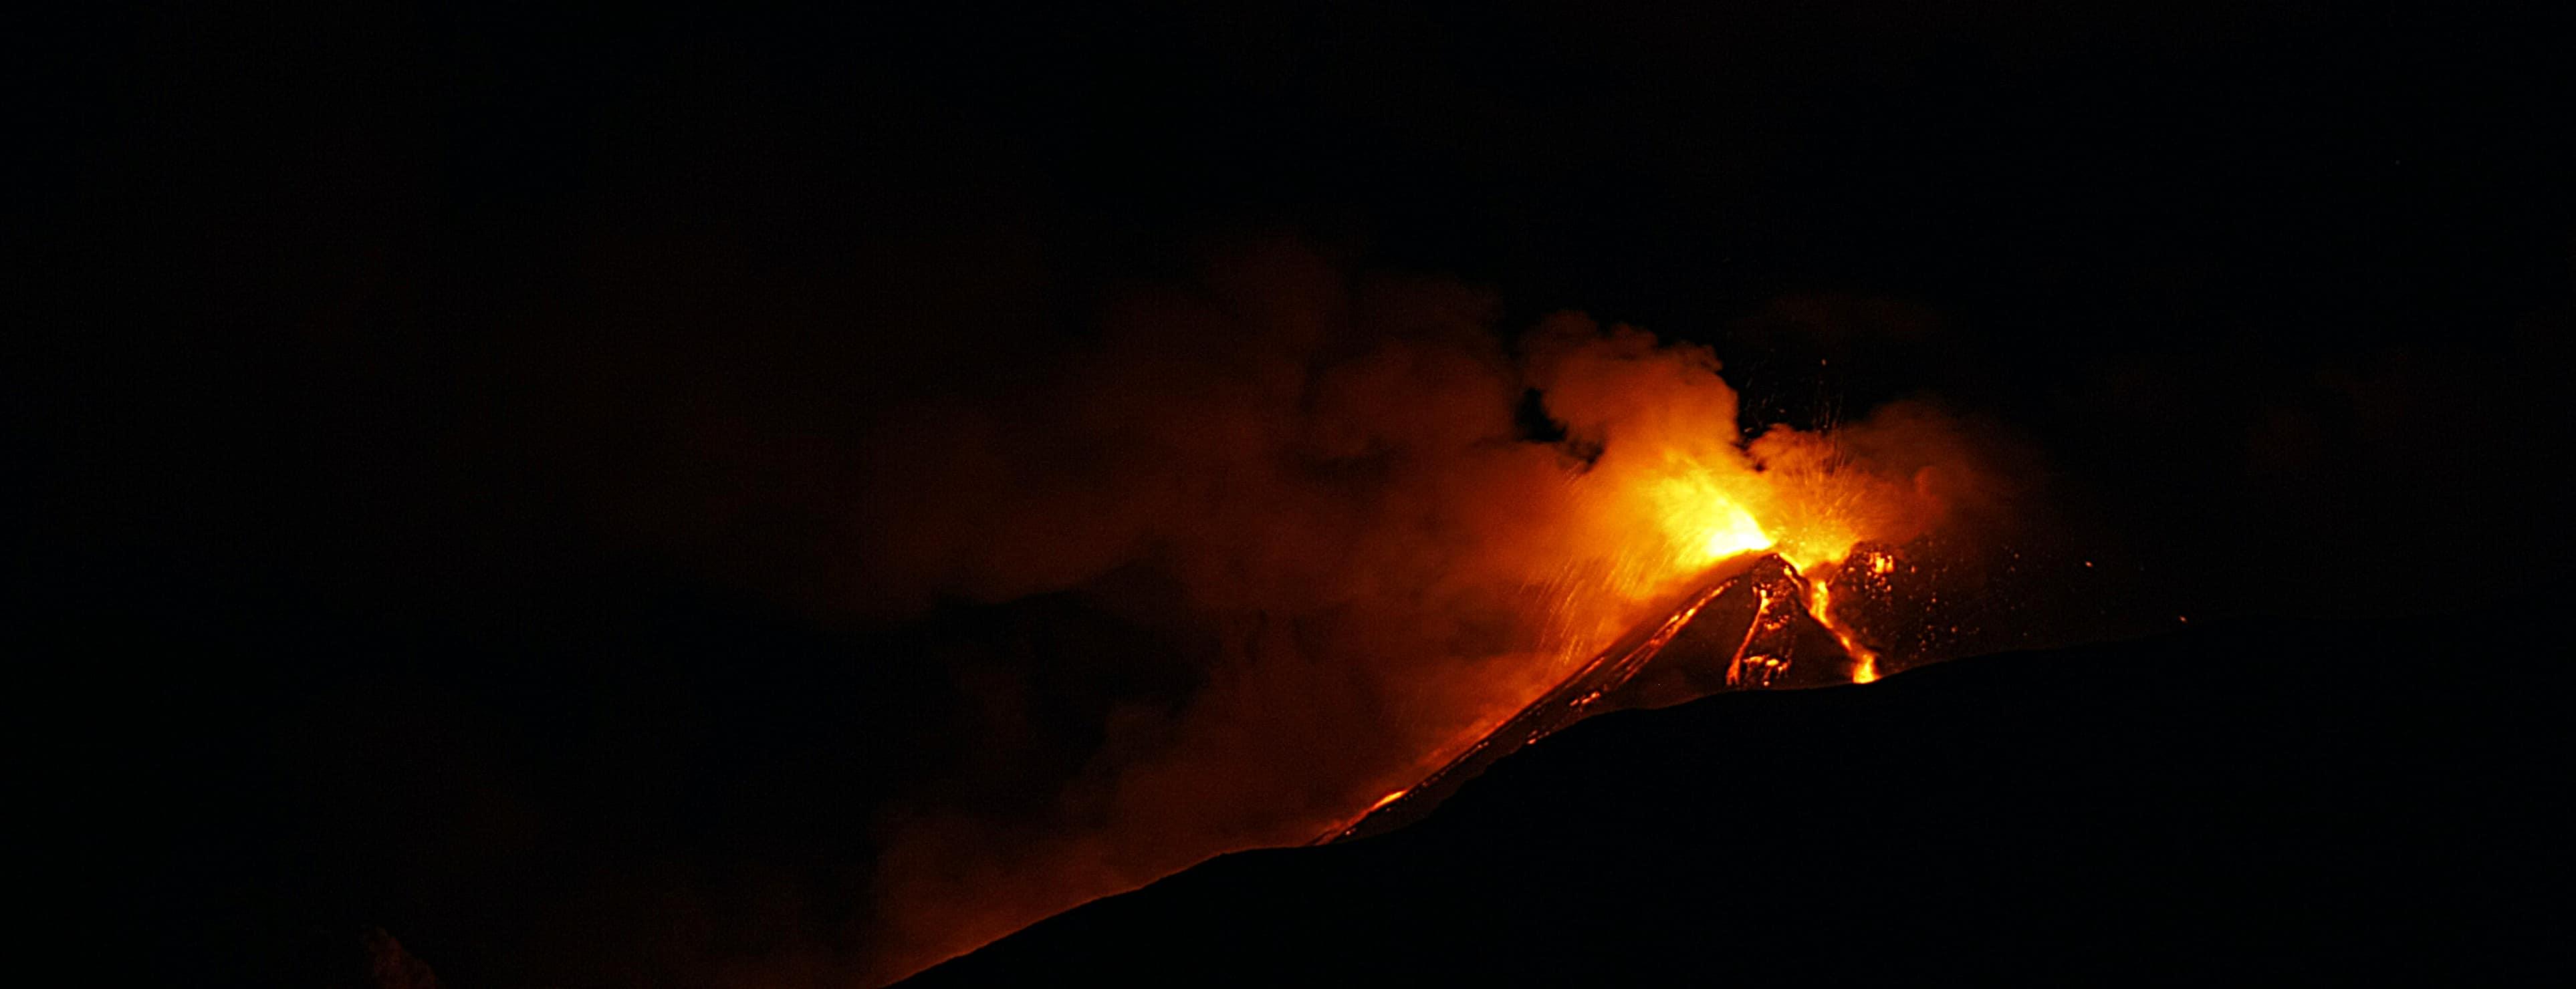 Uitbarsting Etna vulkaan 18 januari 2021